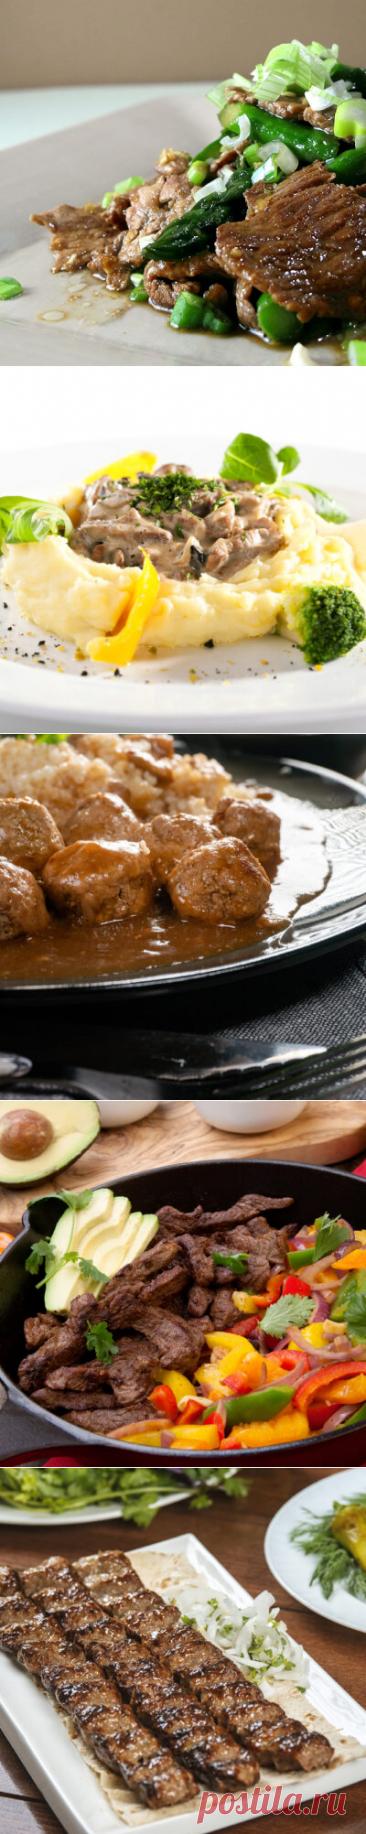 Блюда из говядины - рецепты с фото - PhotoRecept.ru